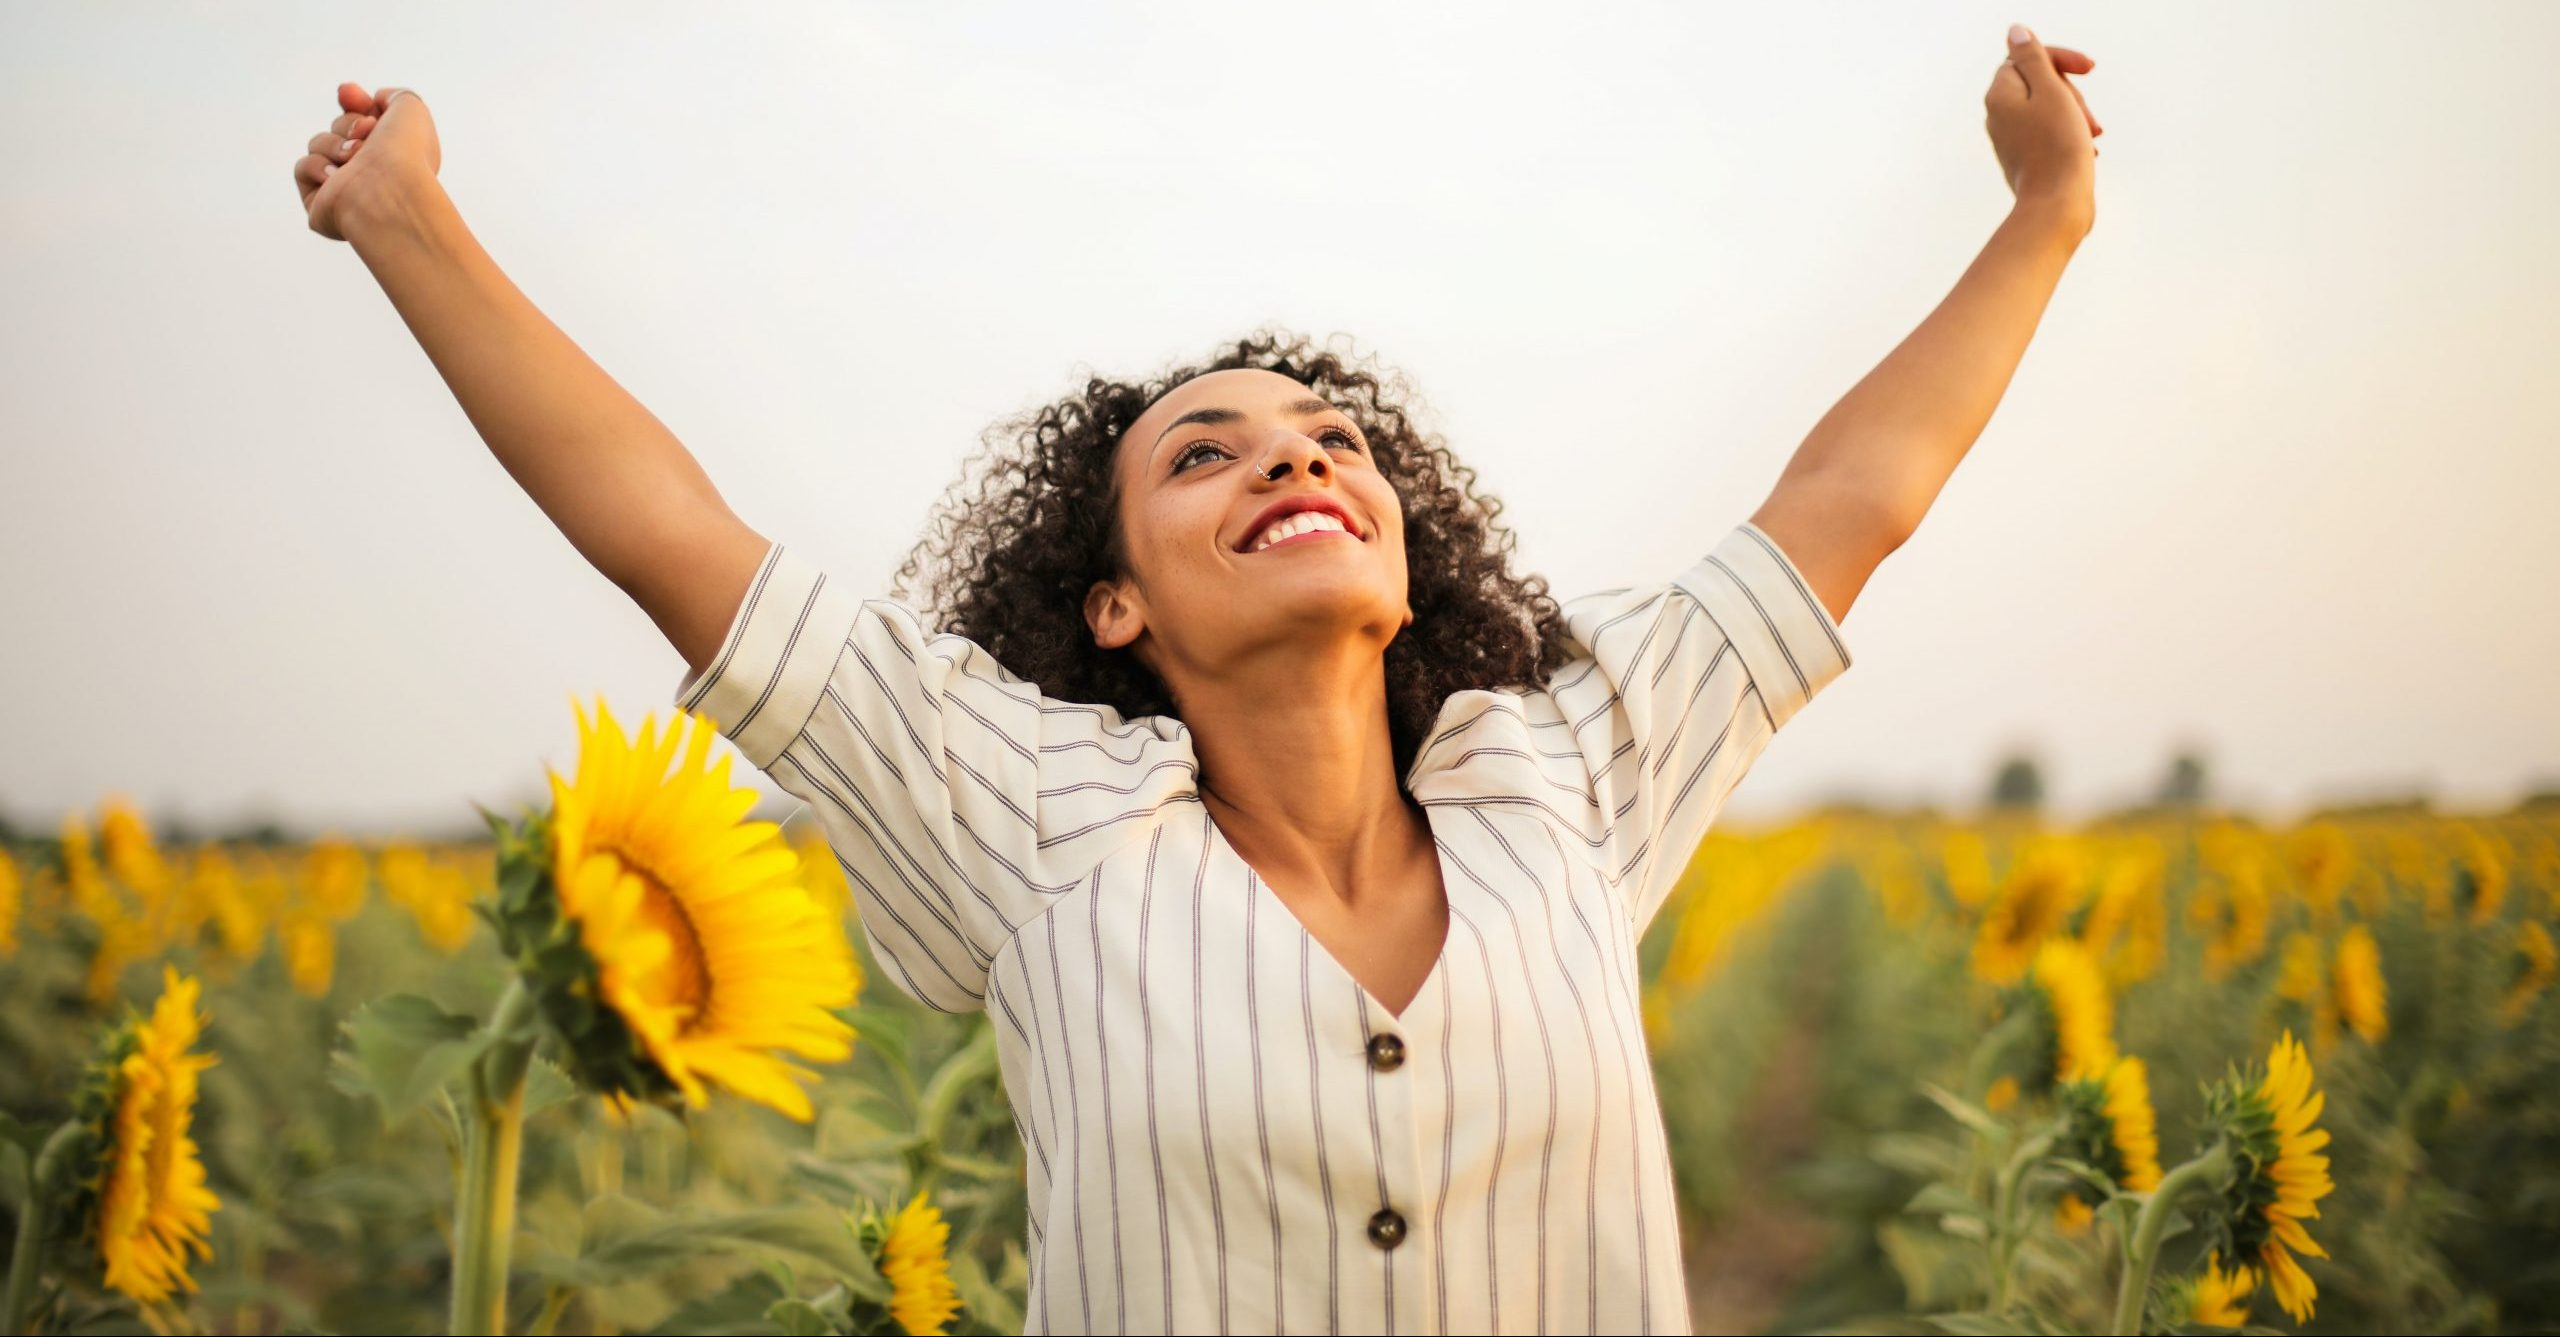 jeune-femme-souriante-dans-un-champs-de-tournesoles-les-bras-en-l-air